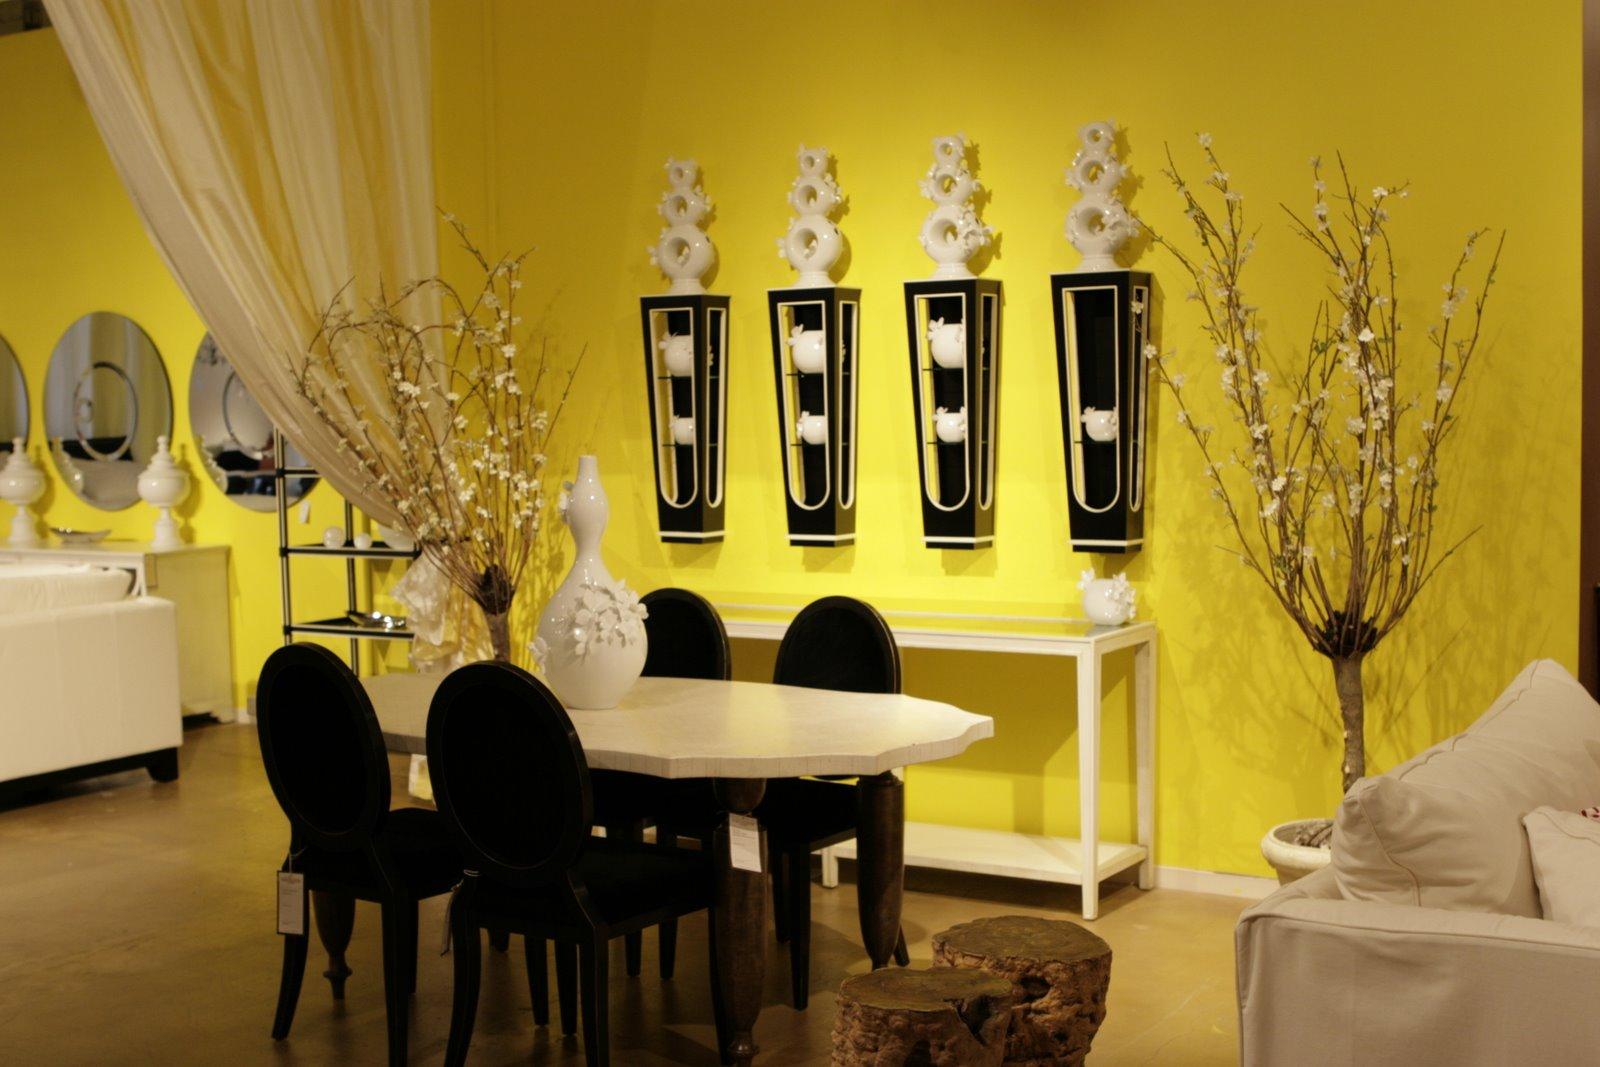 Colorful Bright Color Wall Decor Embellishment - Art & Wall Decor ...